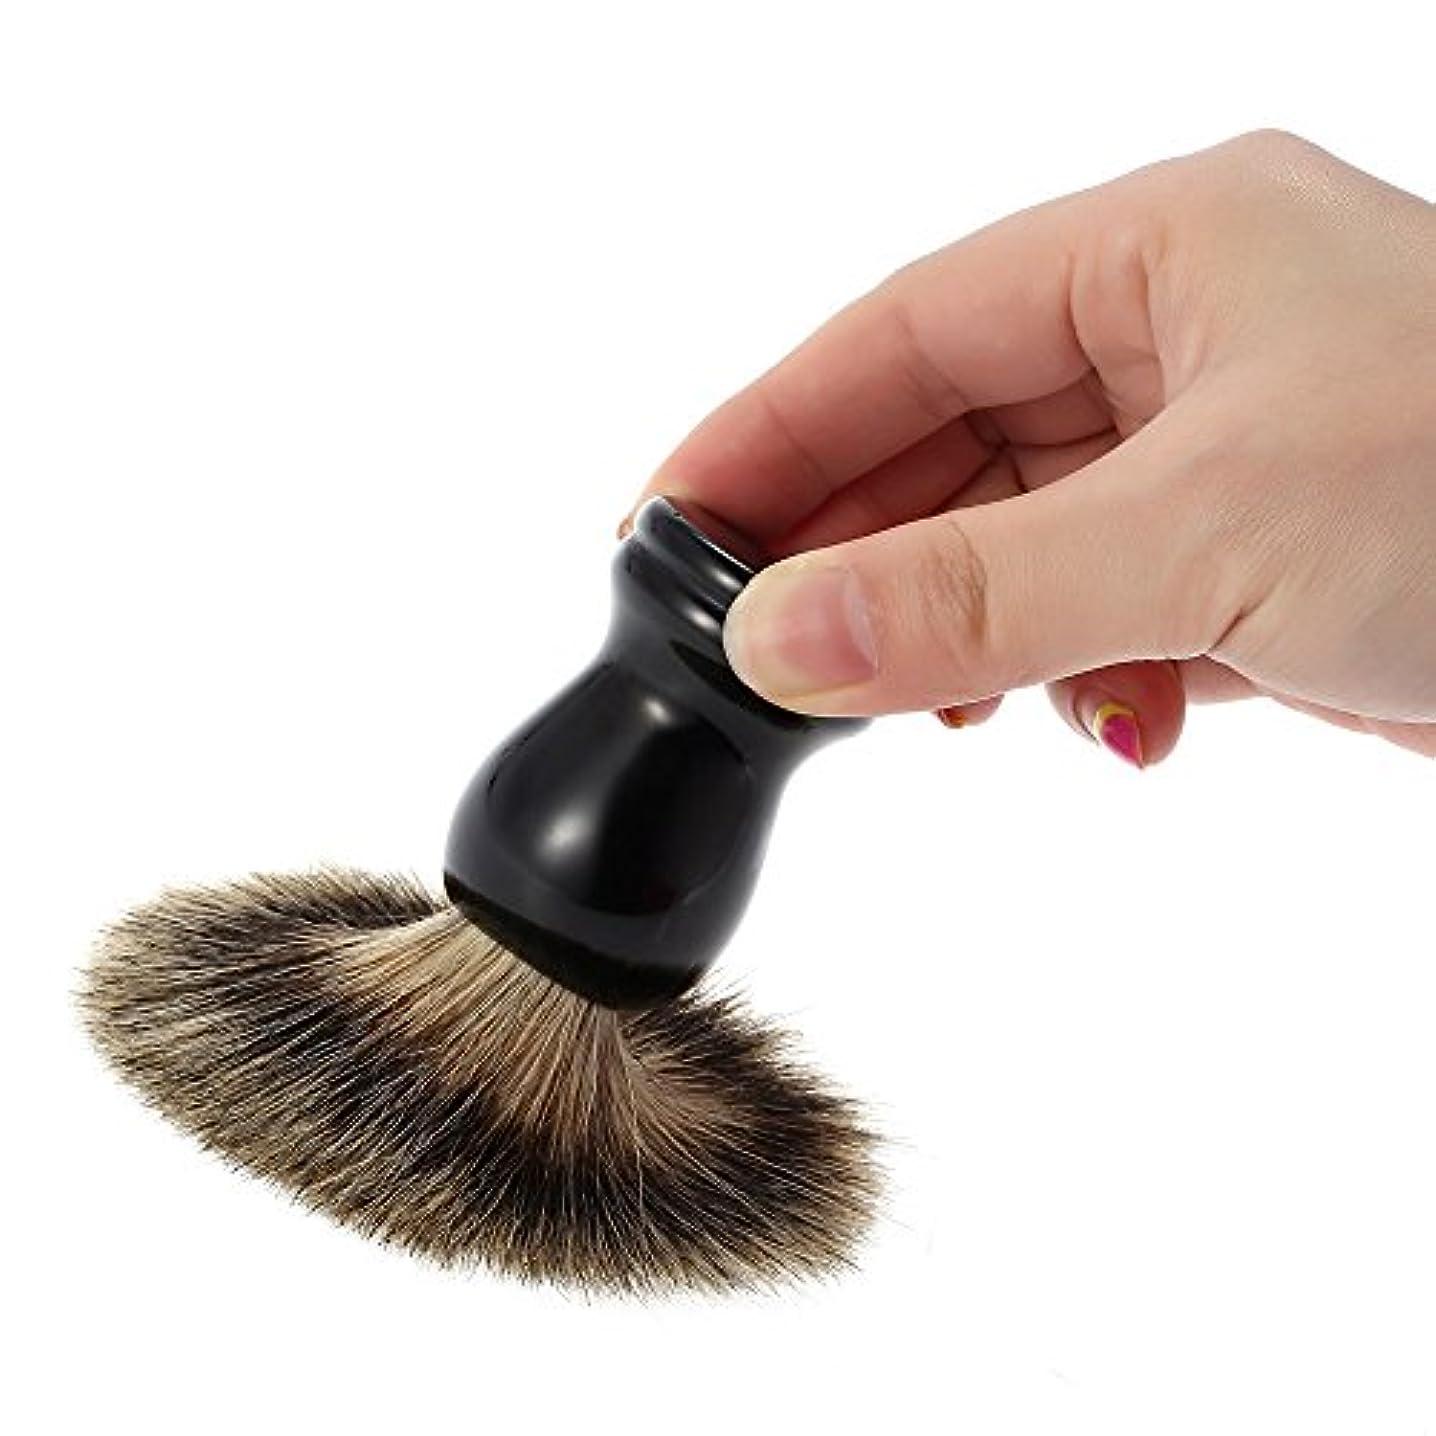 集める台風傑出したシェービング用ブラシ  メンズ 100% アナグマ毛   理容 洗顔 髭剃り 泡立ち